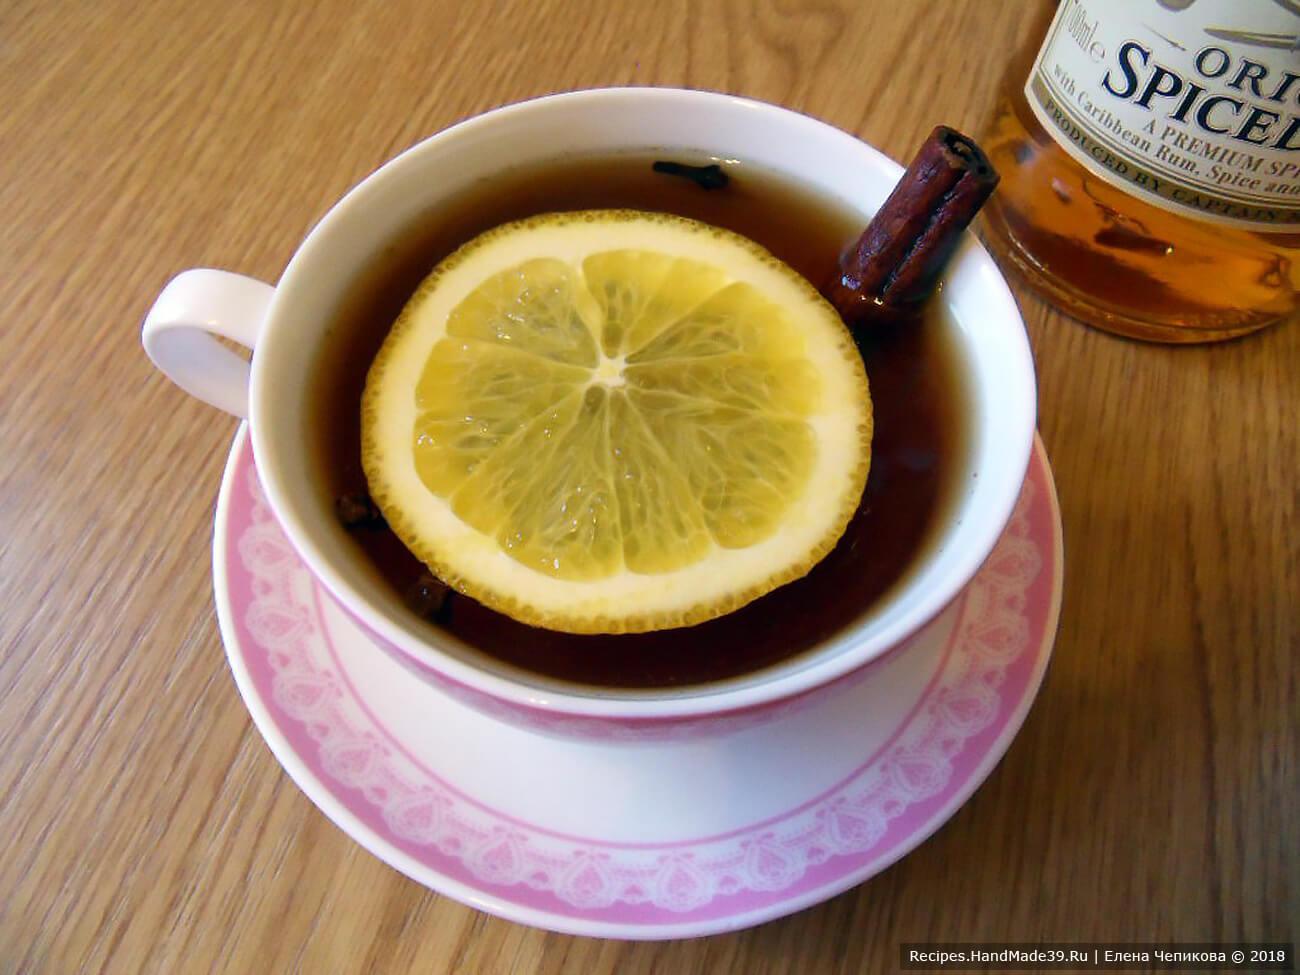 Подавать чай горячим, но не обжигающим. Приятного аппетита!